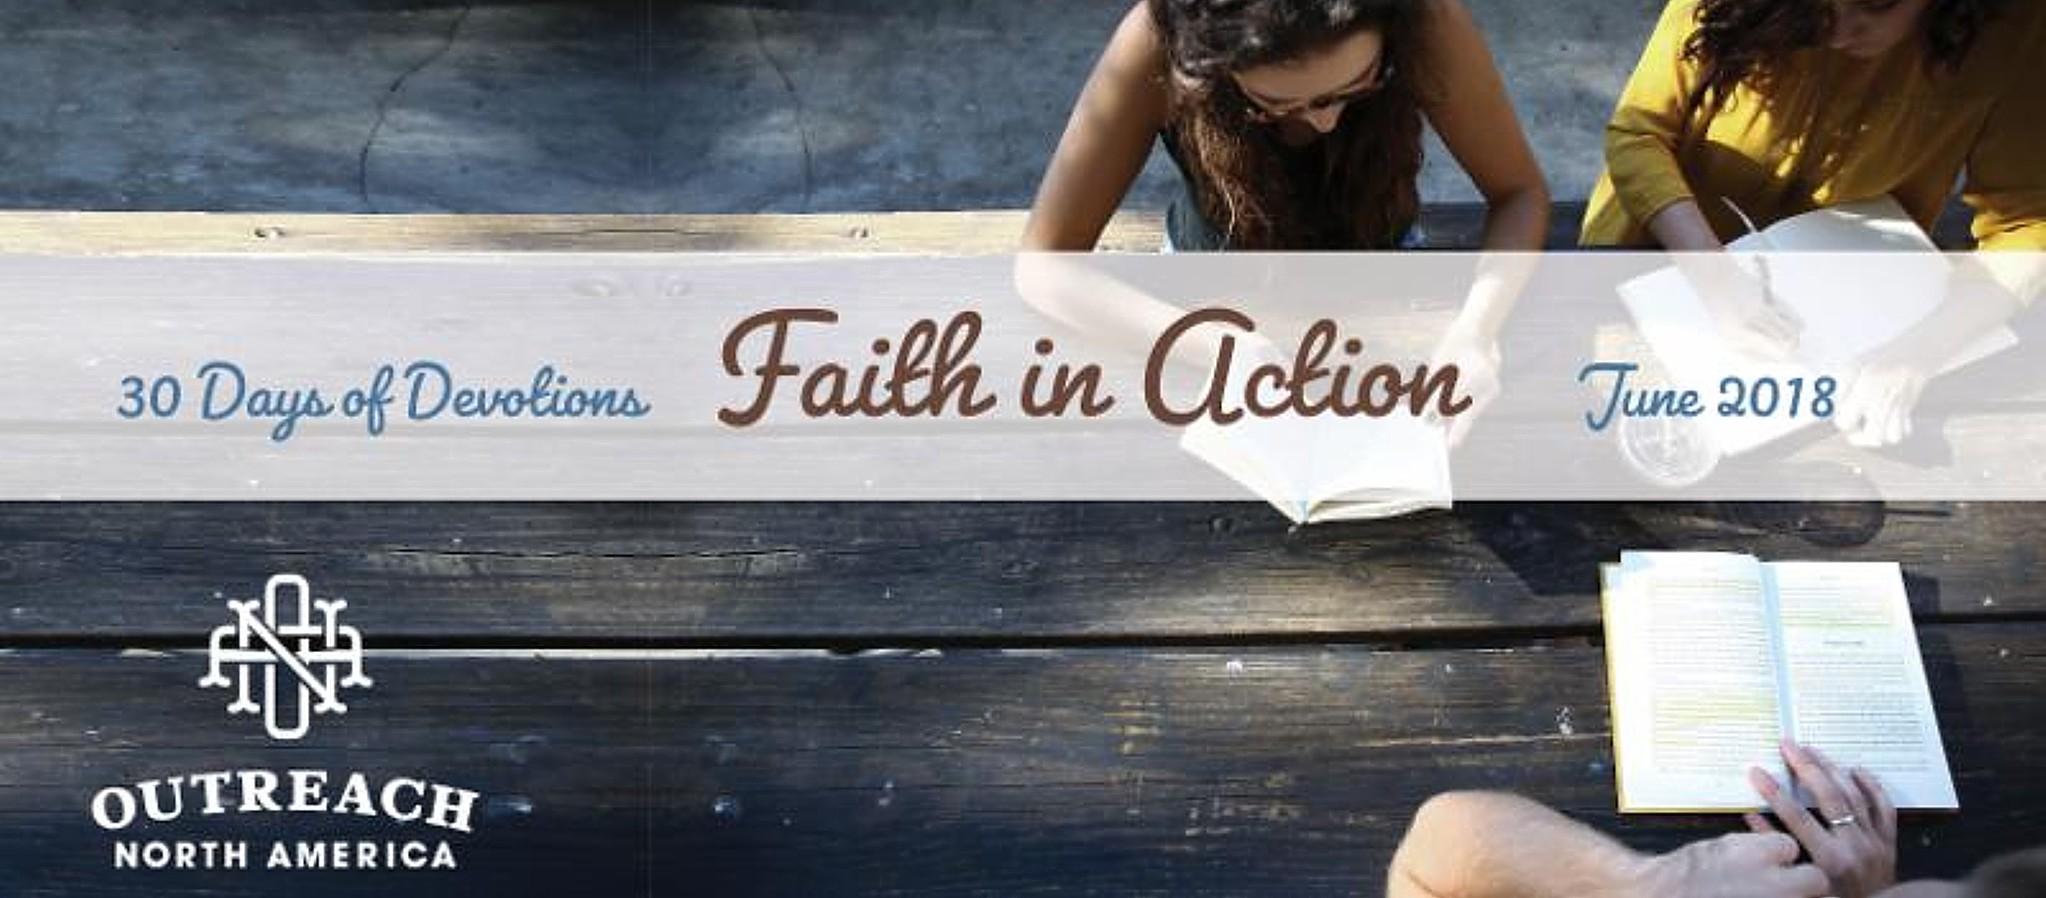 Faith_in_Action_header_2018_.jpg